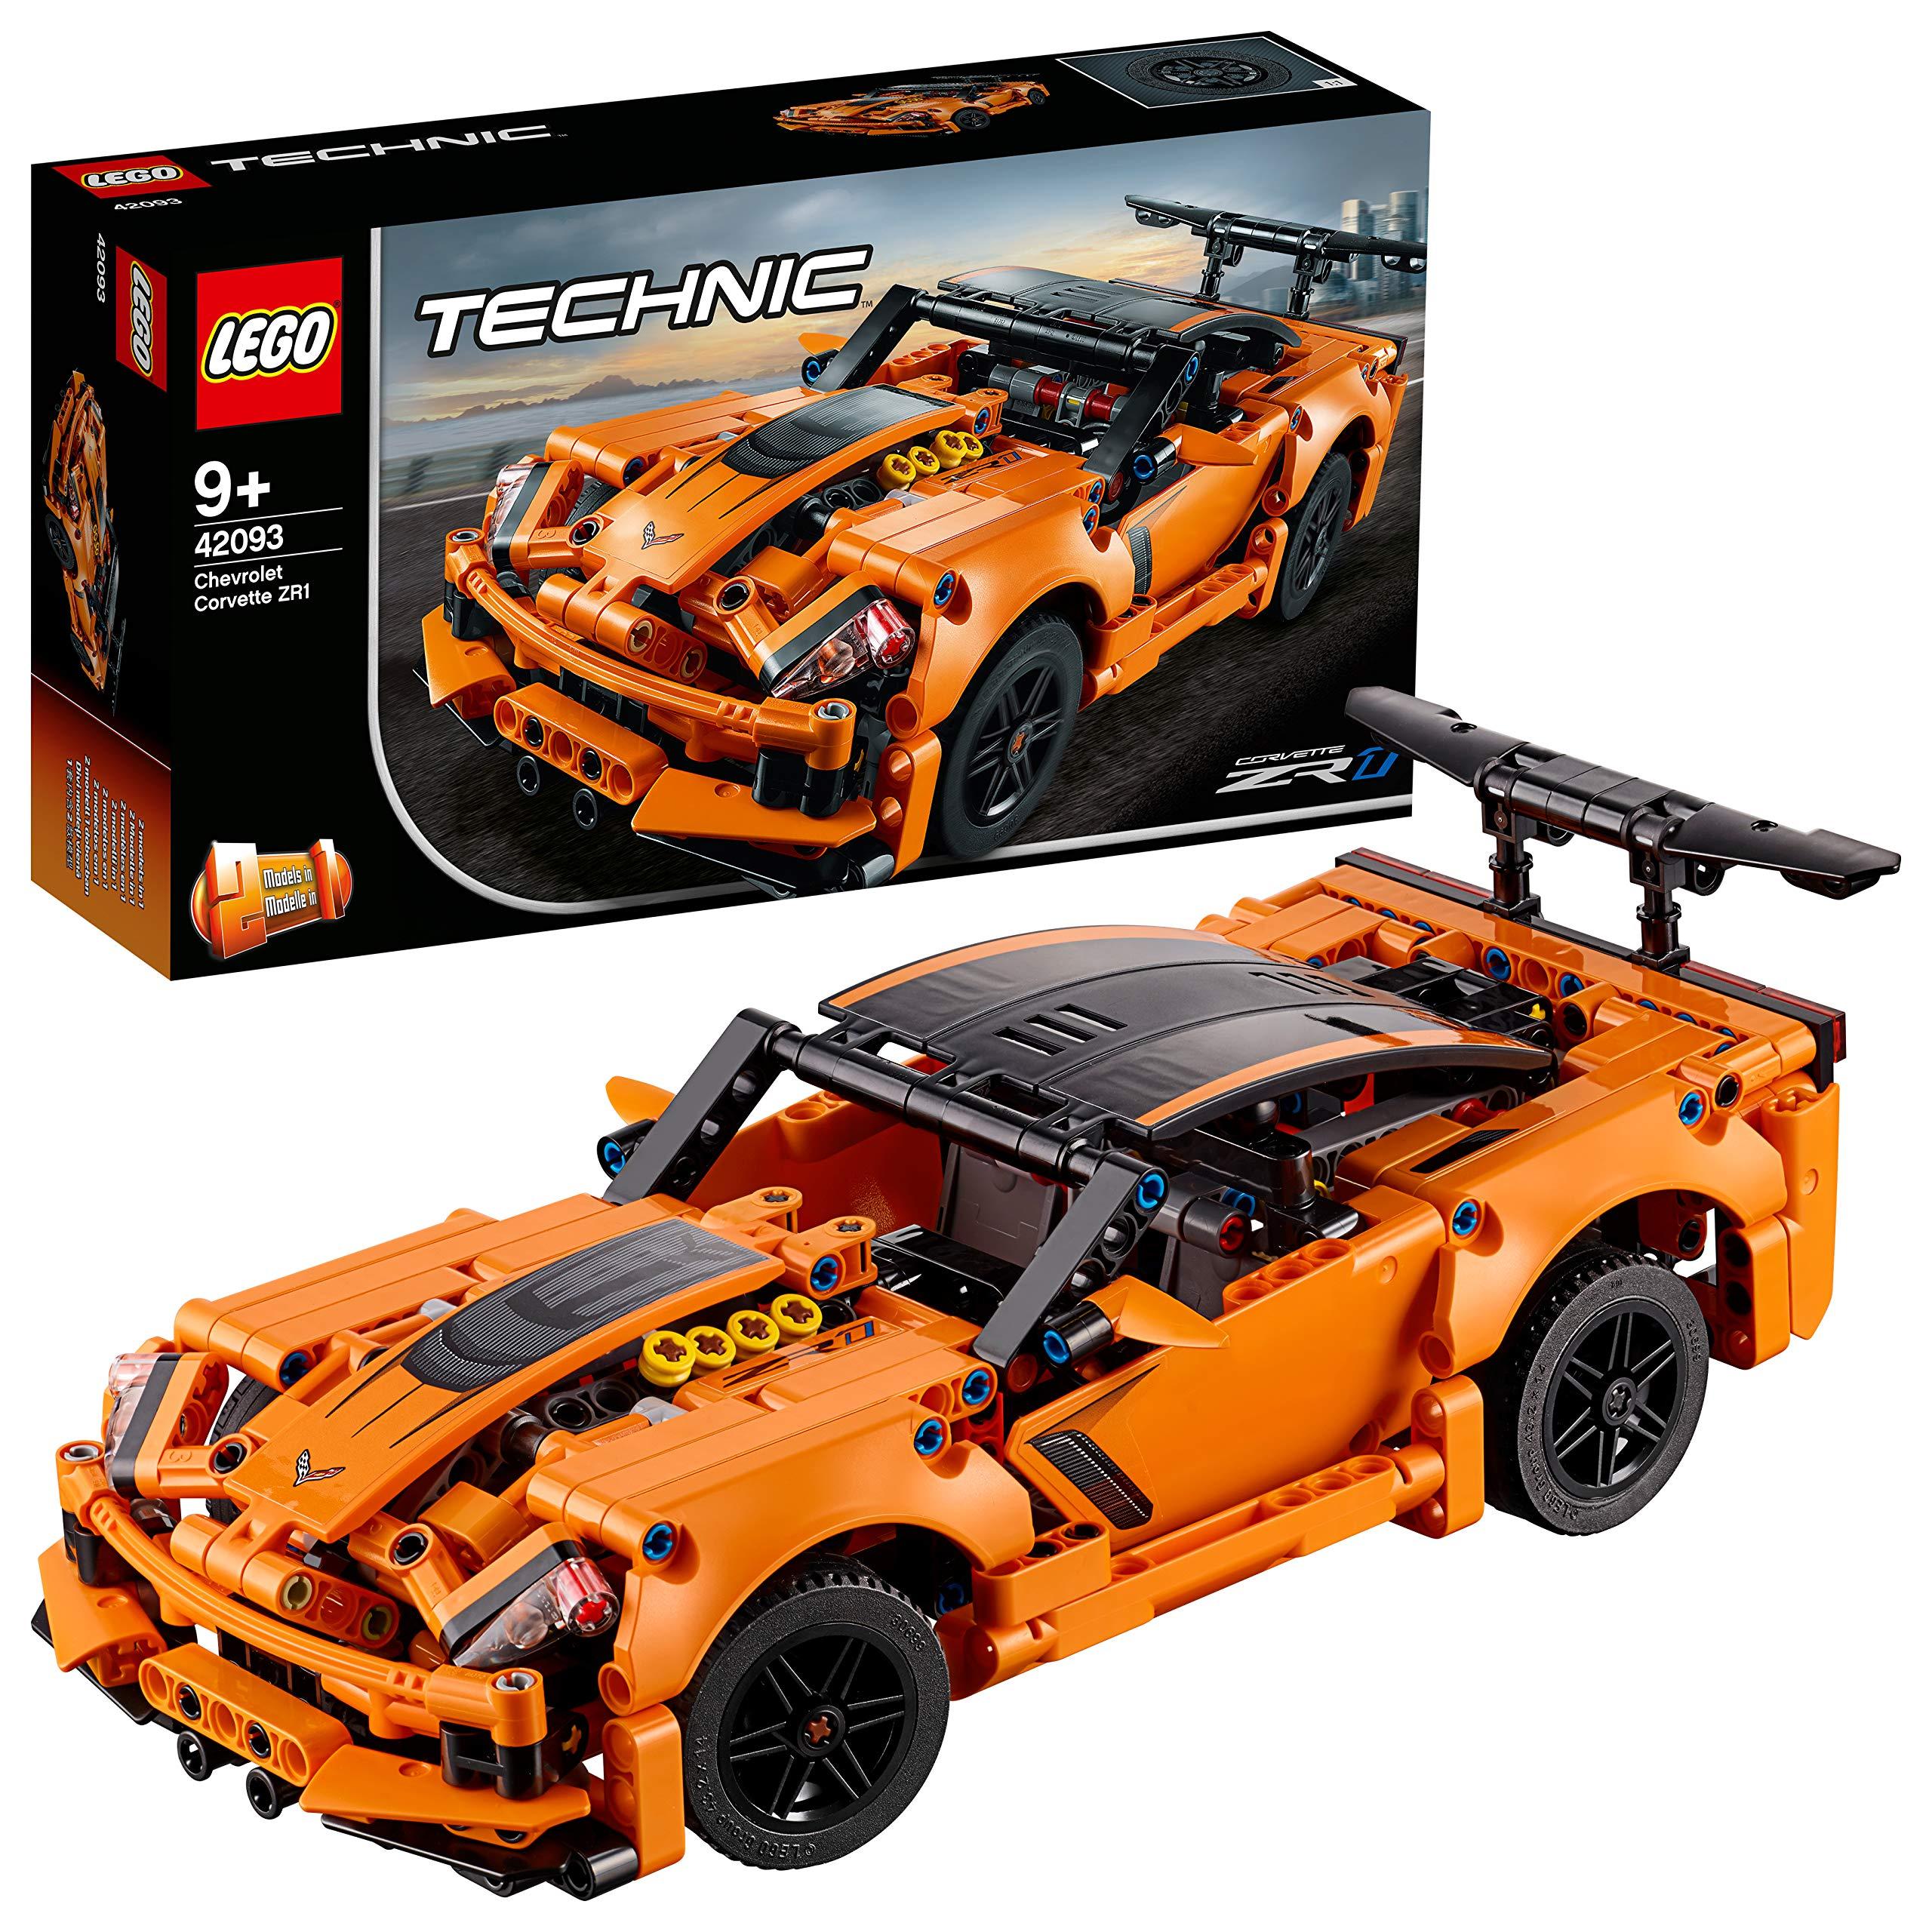 LEGO Technic Chevrolet Corvette ZR1 42093 Building Kit , New 2019 (579 Piece)